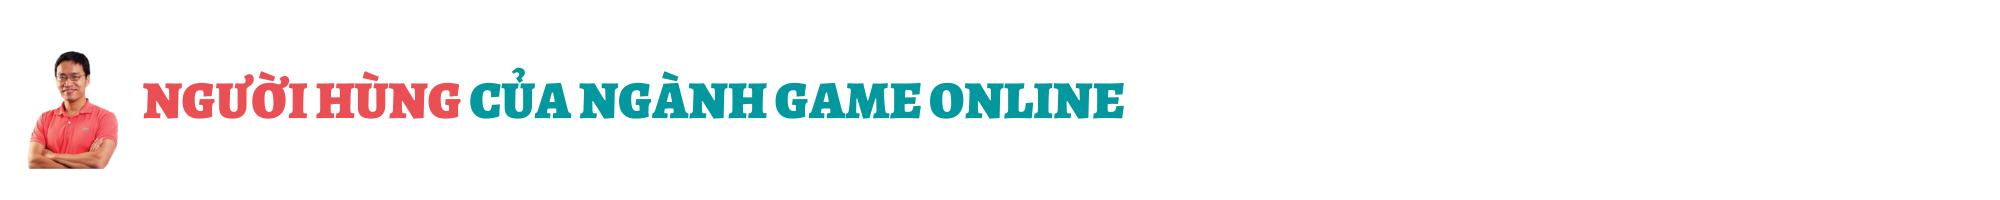 """Hồ sơ doanh nhân: Ông chủ VNG Lê Hồng Minh – Từ """"mỏ vàng"""" Game Online đến chiêu thức """"tránh thuế"""" sản phẩm - Ảnh 6."""